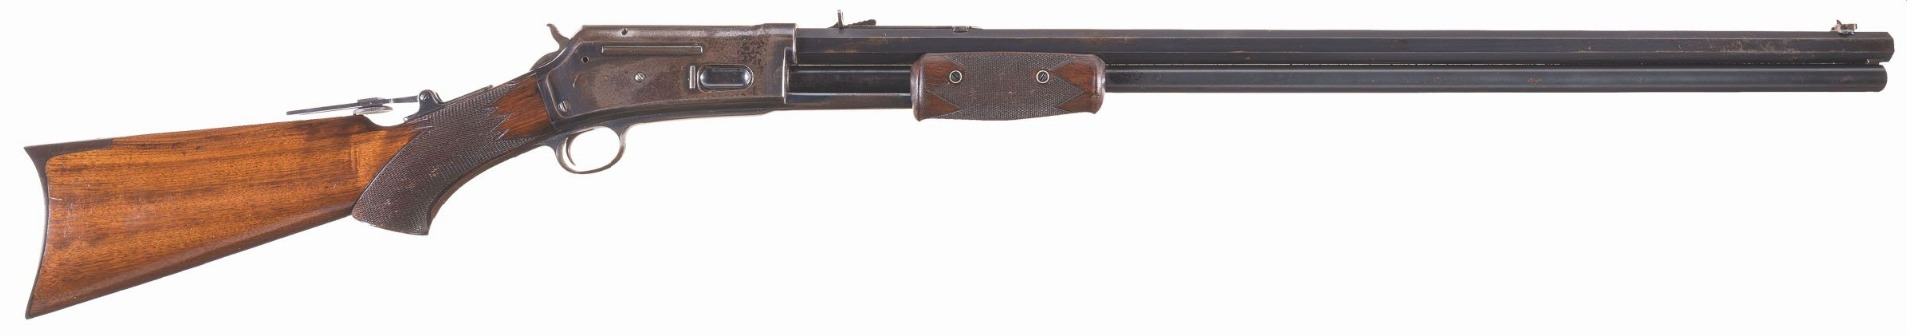 Colt Large Frame Express rifle